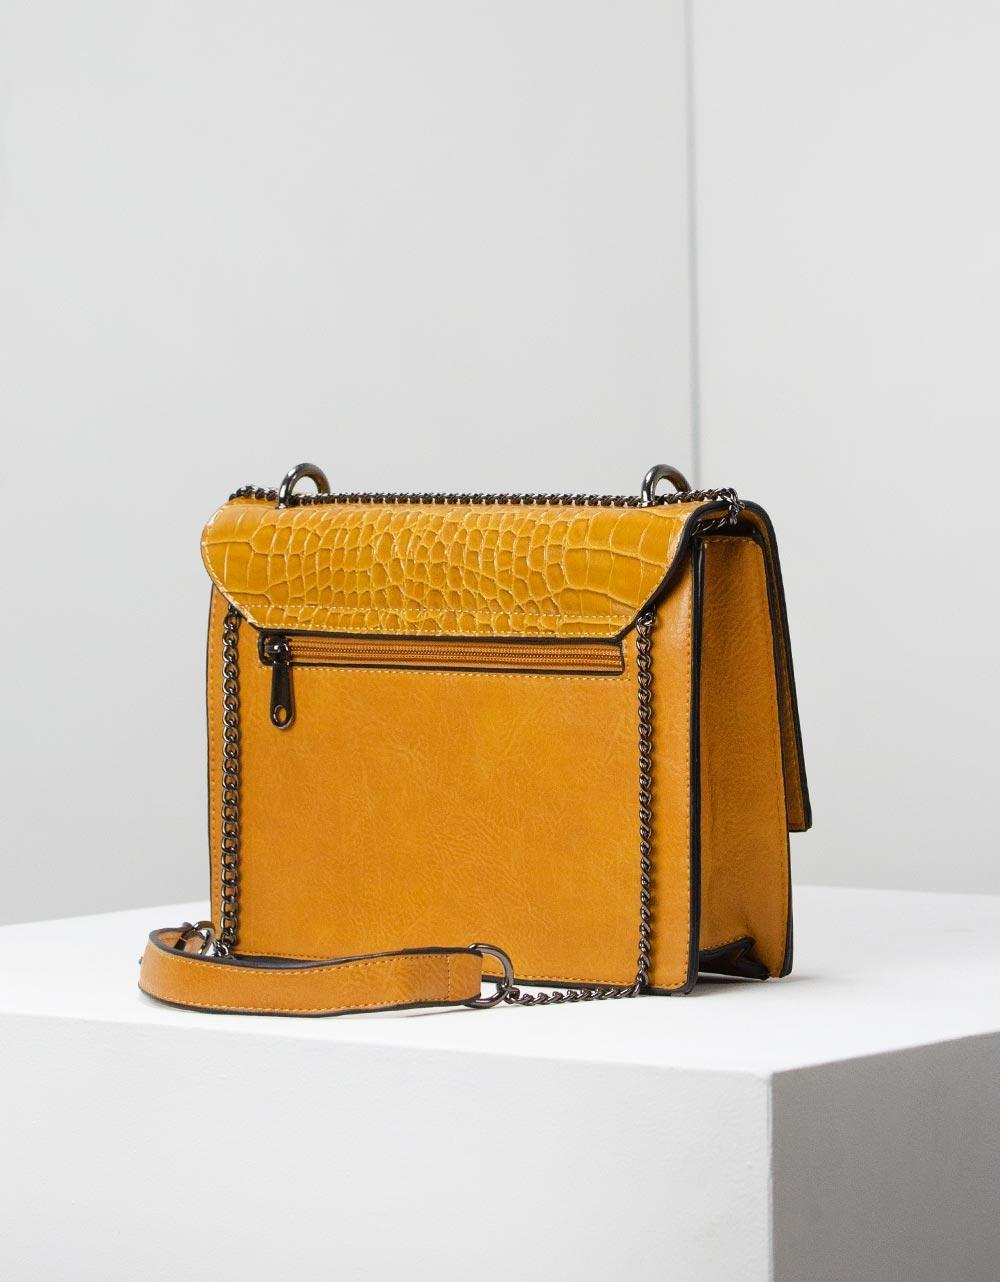 Εικόνα από Γυναικεία τσάντα ώμου με κροκό λεπτομέρεια Κάμελ